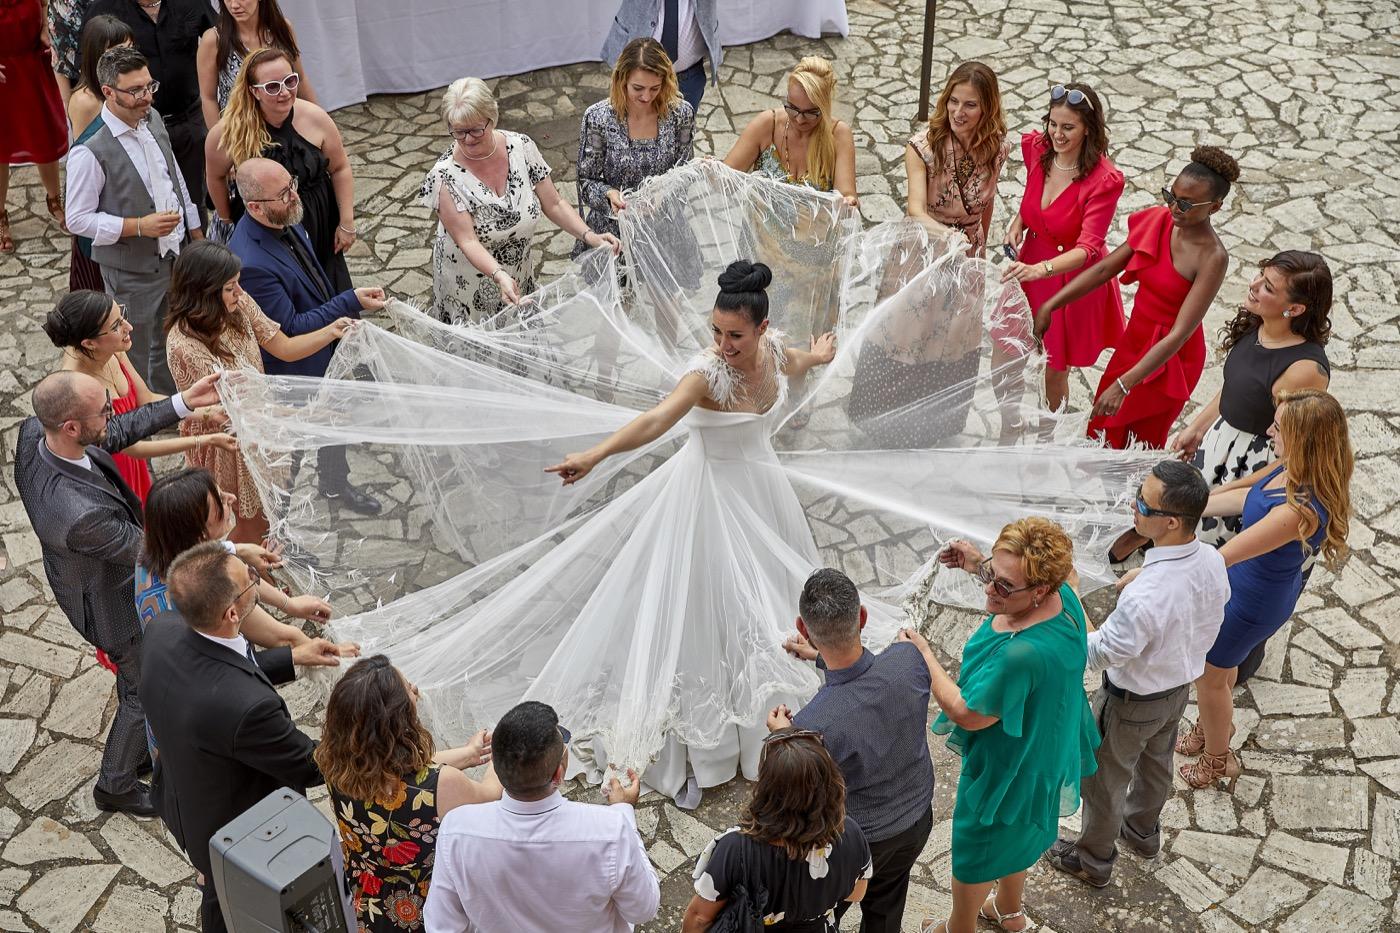 Claudio-Coppola-wedding-photographer-villa-del-cardinale-rocca-di-papa-castel-gandolfo-79